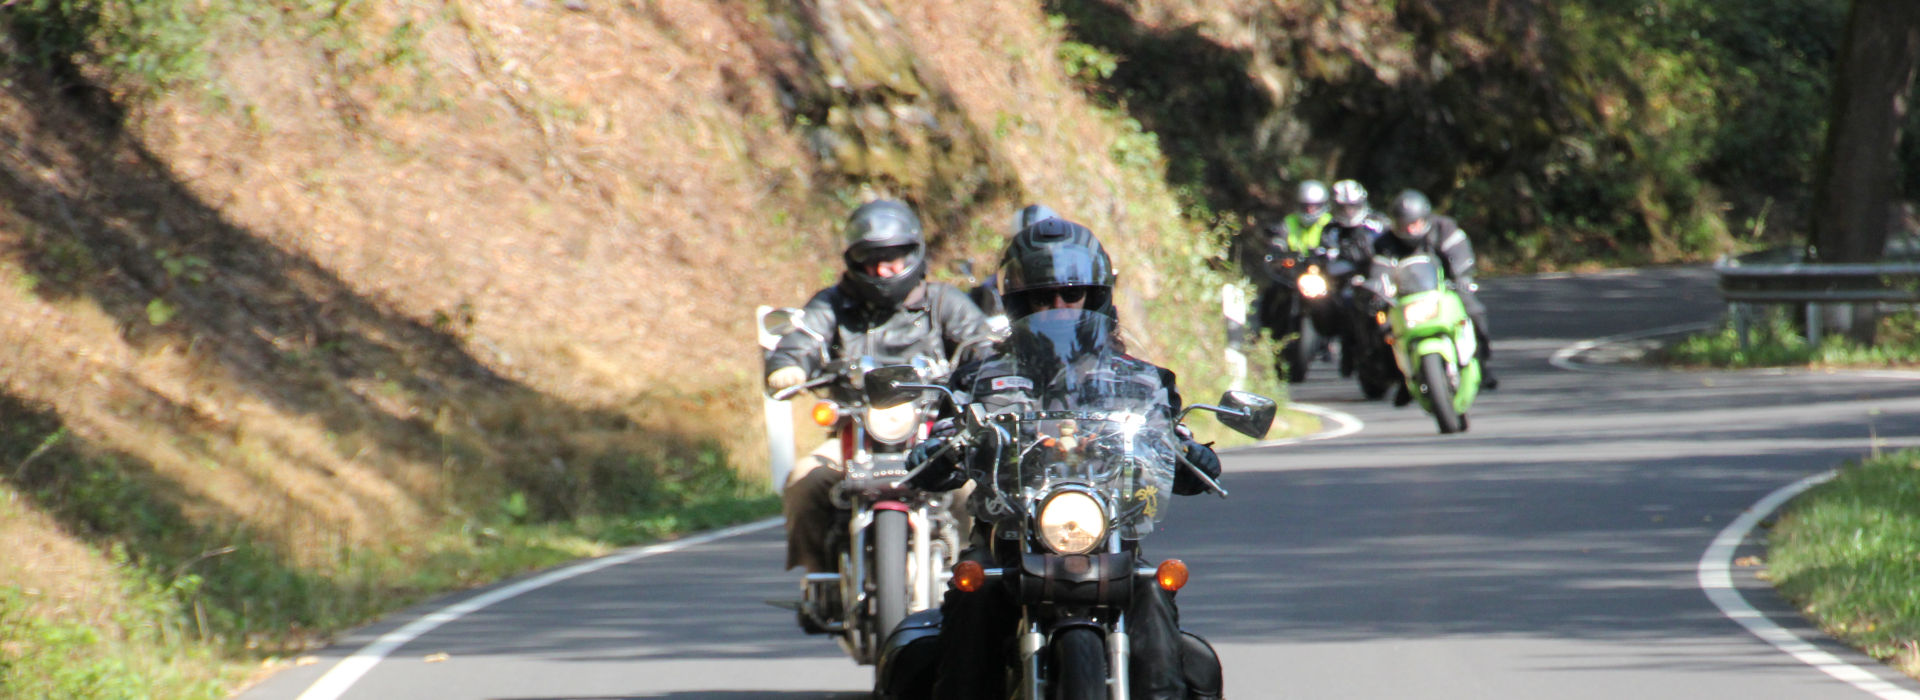 Motorrijbewijspoint Velp spoed motorrijbewijs